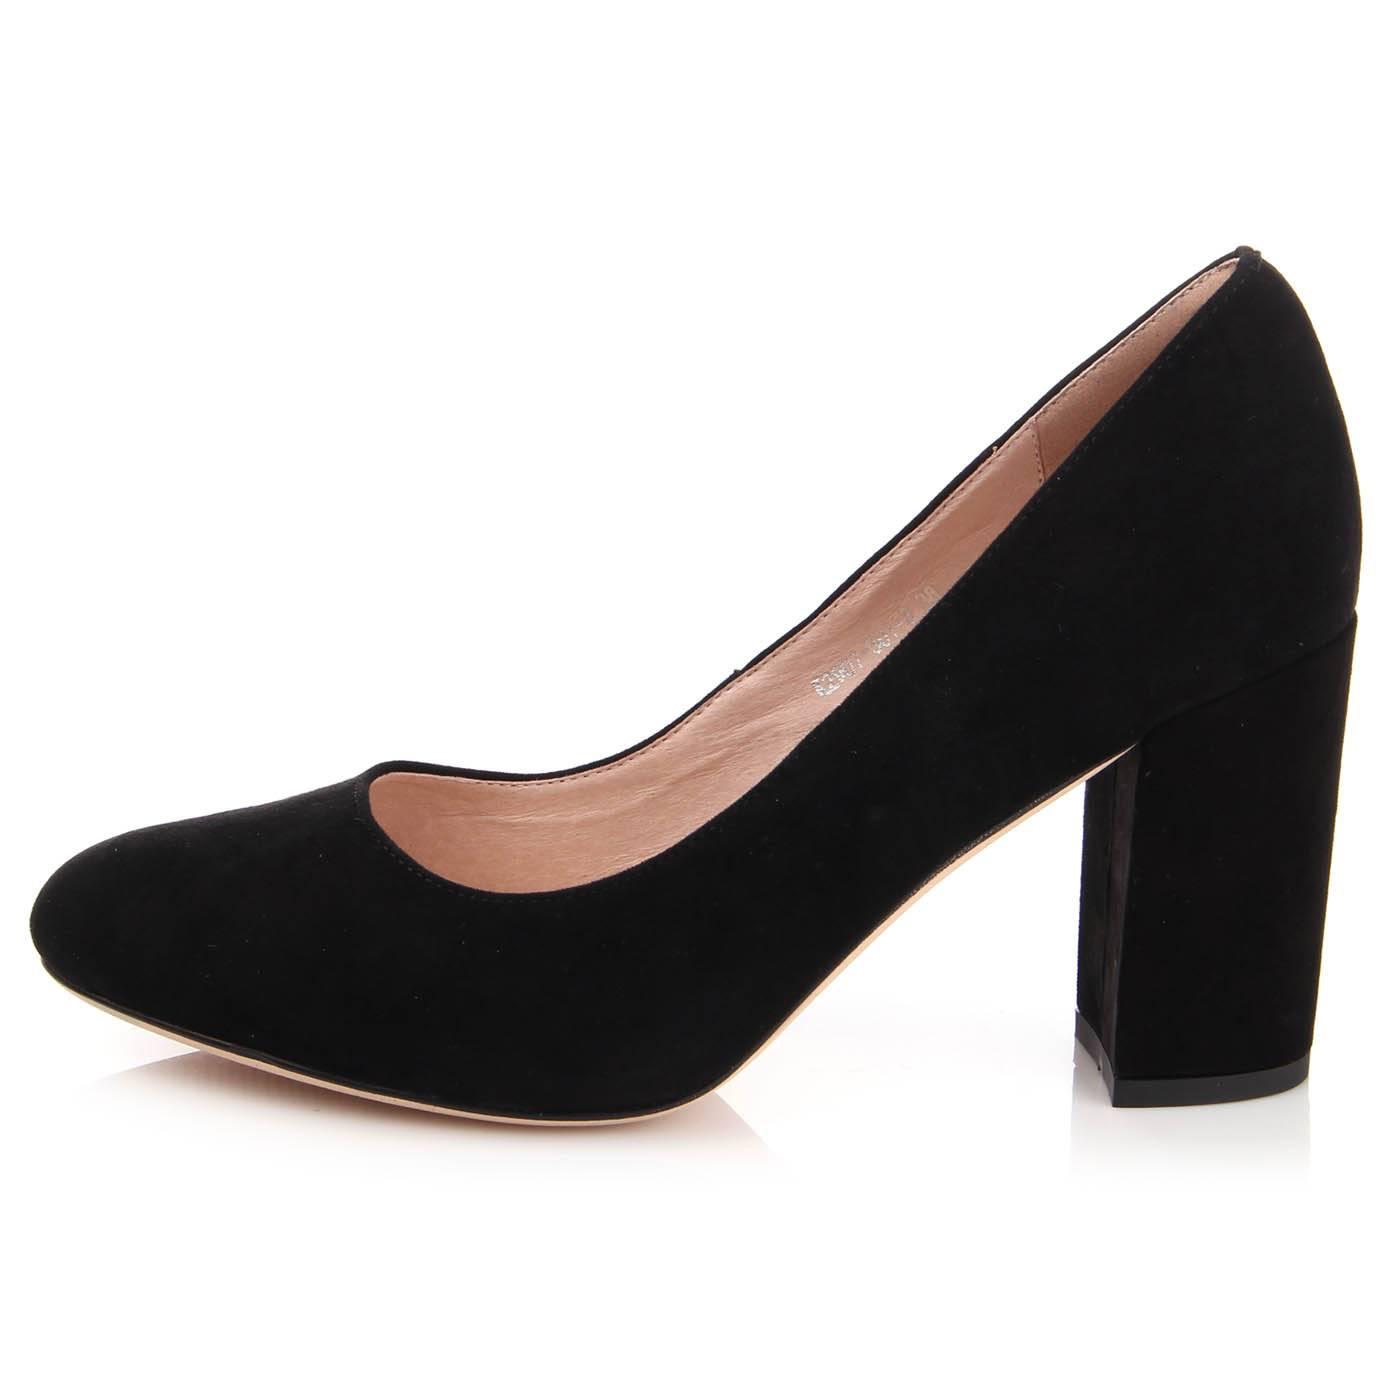 Туфлі жіночі ditto 6856 Чорний купить по выгодной цене в интернет ... f51821af20a56